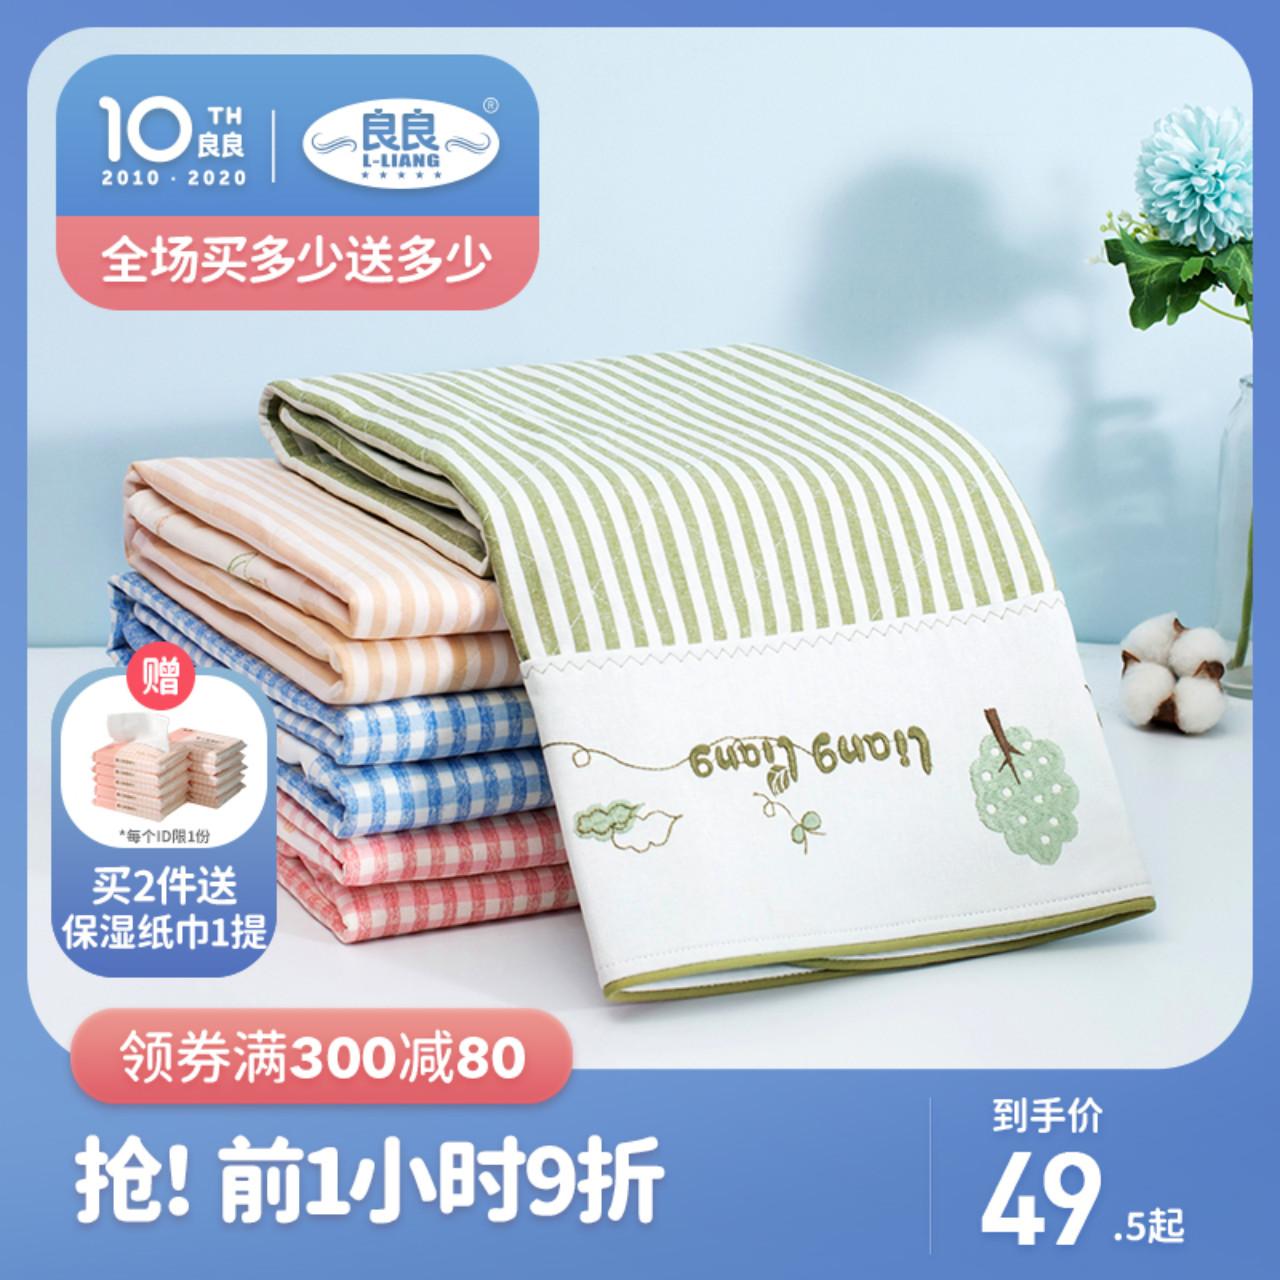 良良隔尿垫麻棉婴儿尿垫防水夏季透气可洗新生儿用品宝宝护理床垫